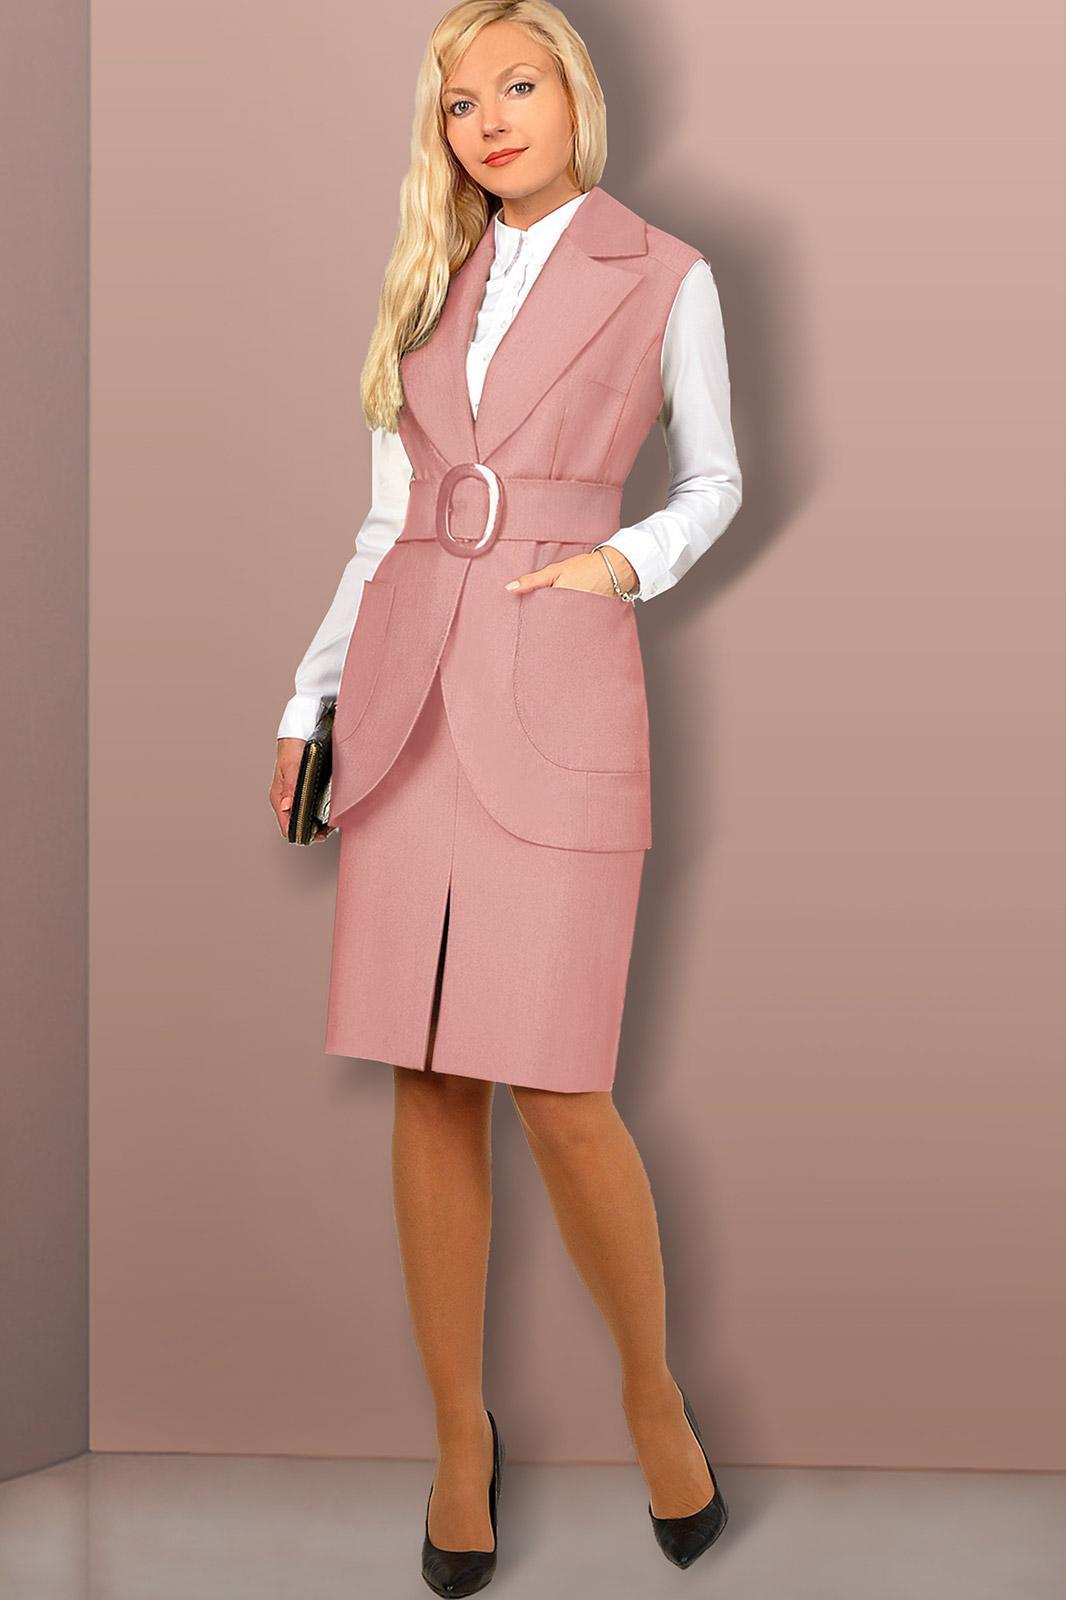 Купить Костюм Миа Мода, 796-15 светло-розовый, Беларусь